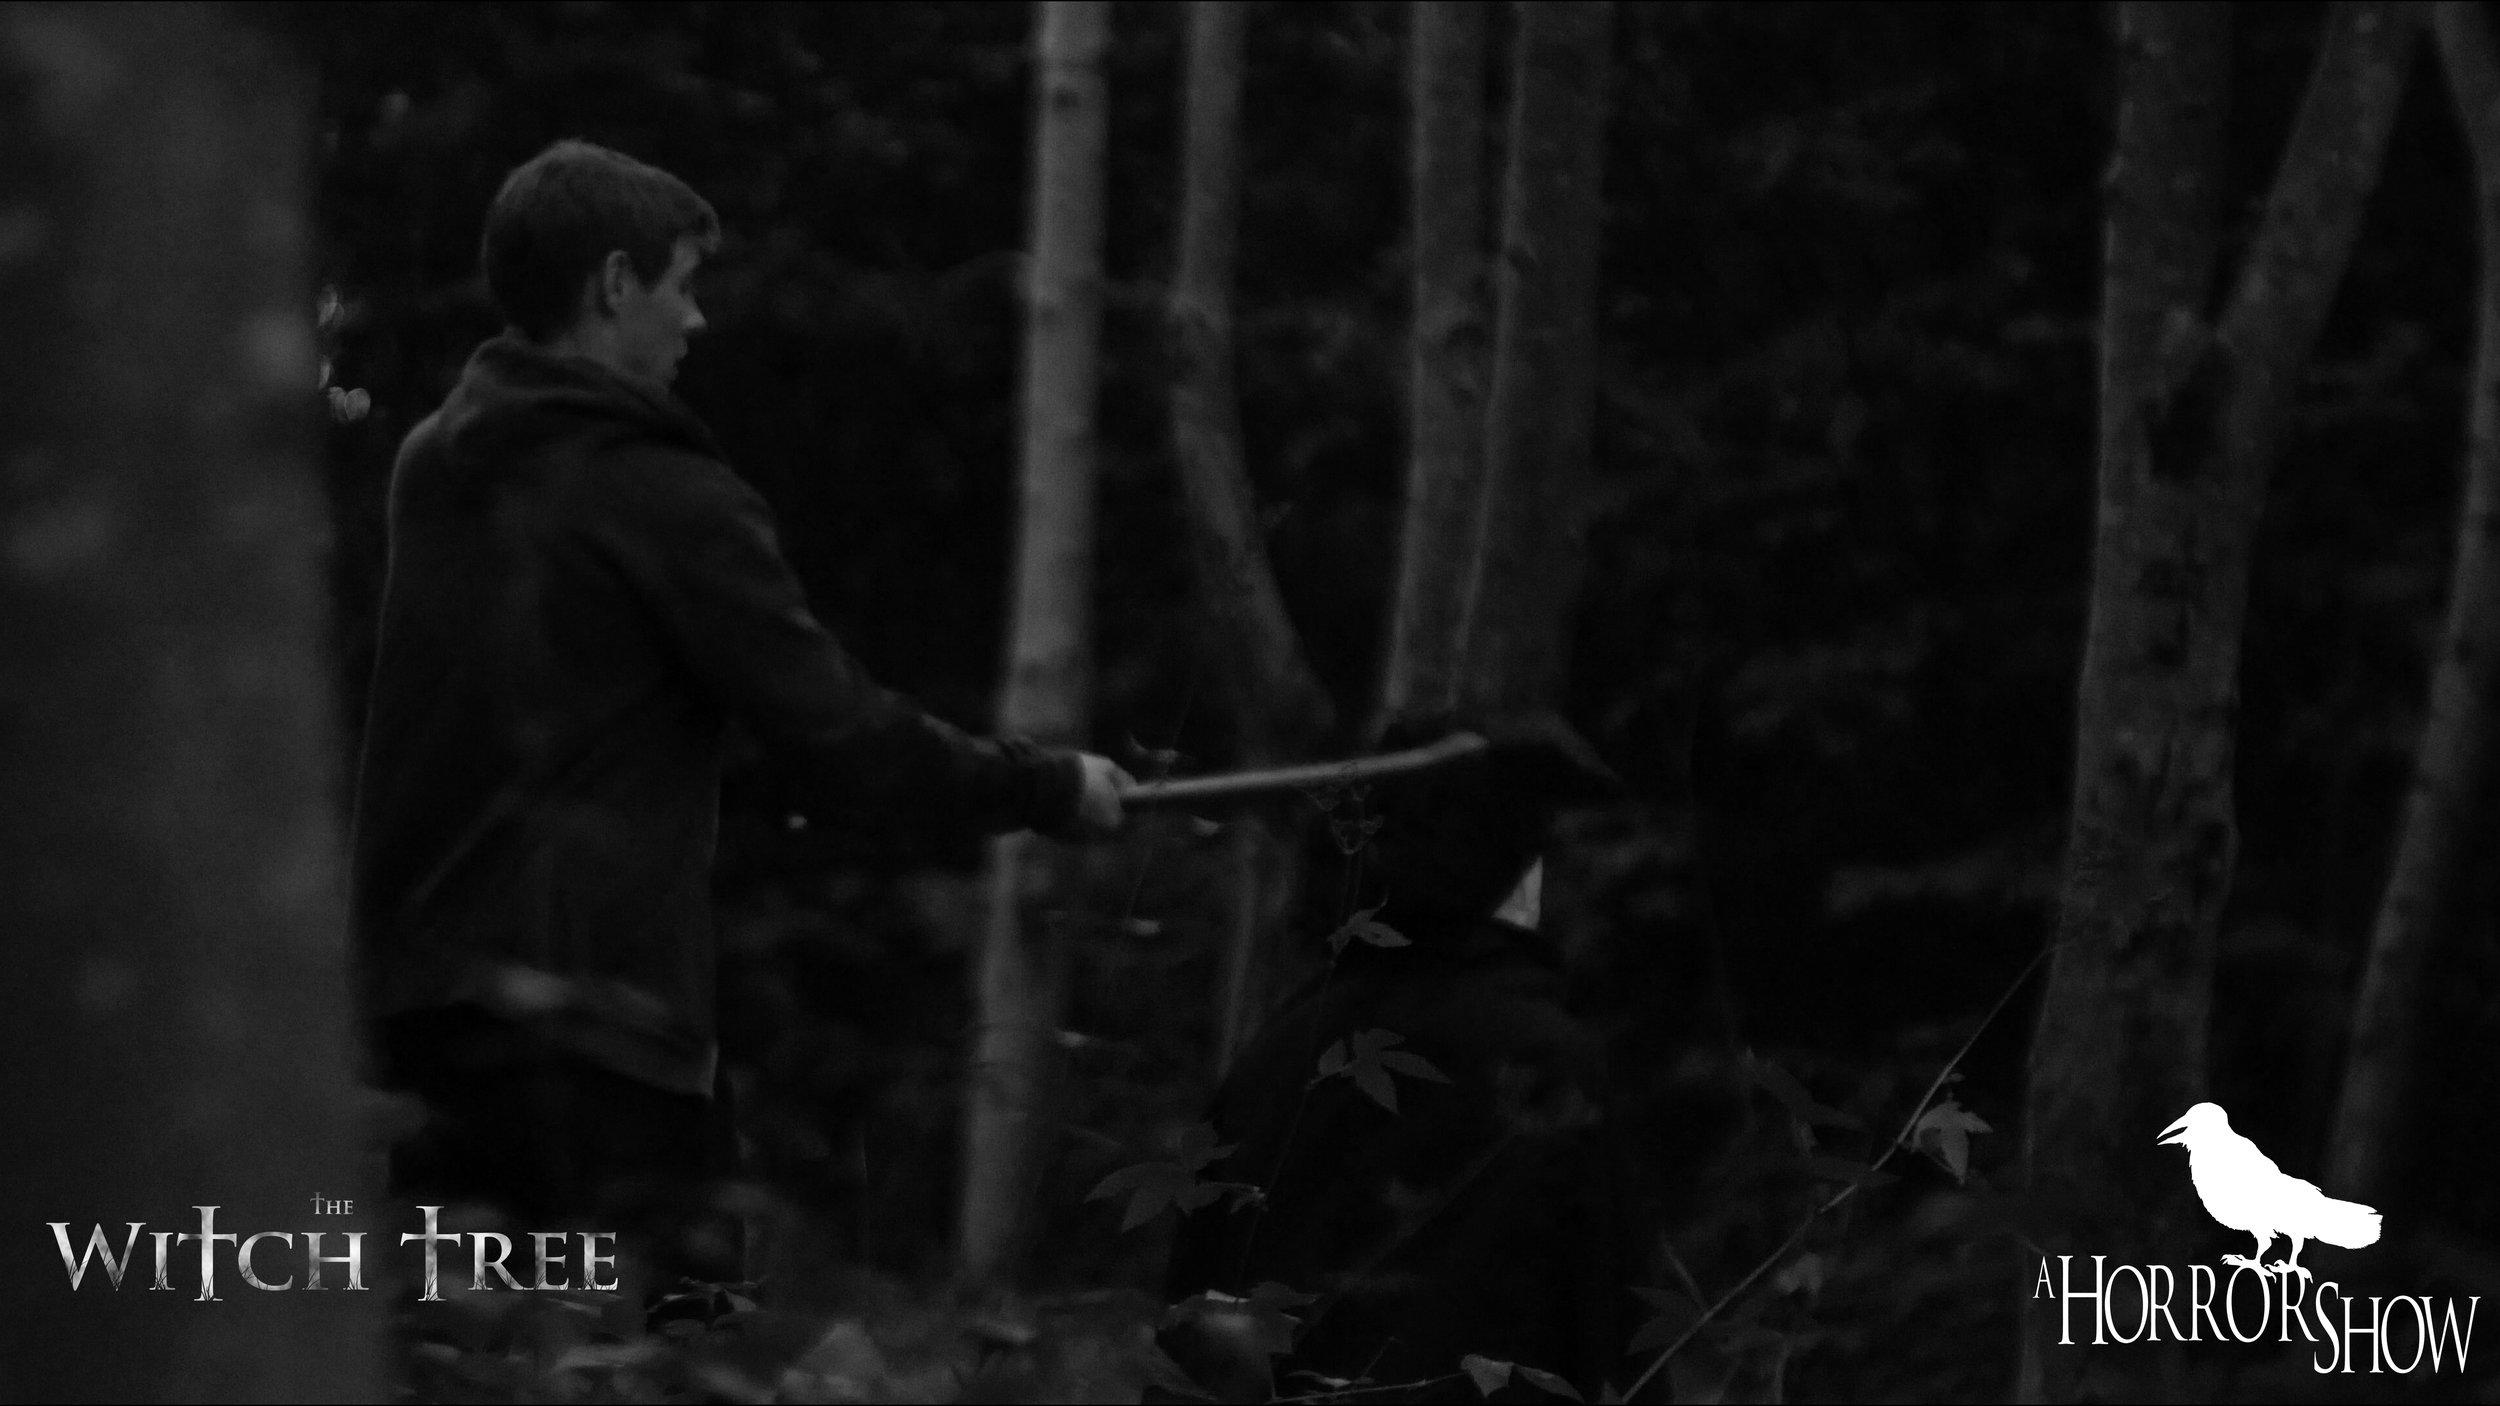 THE WITCH TREE BTS STILLS_018.jpg